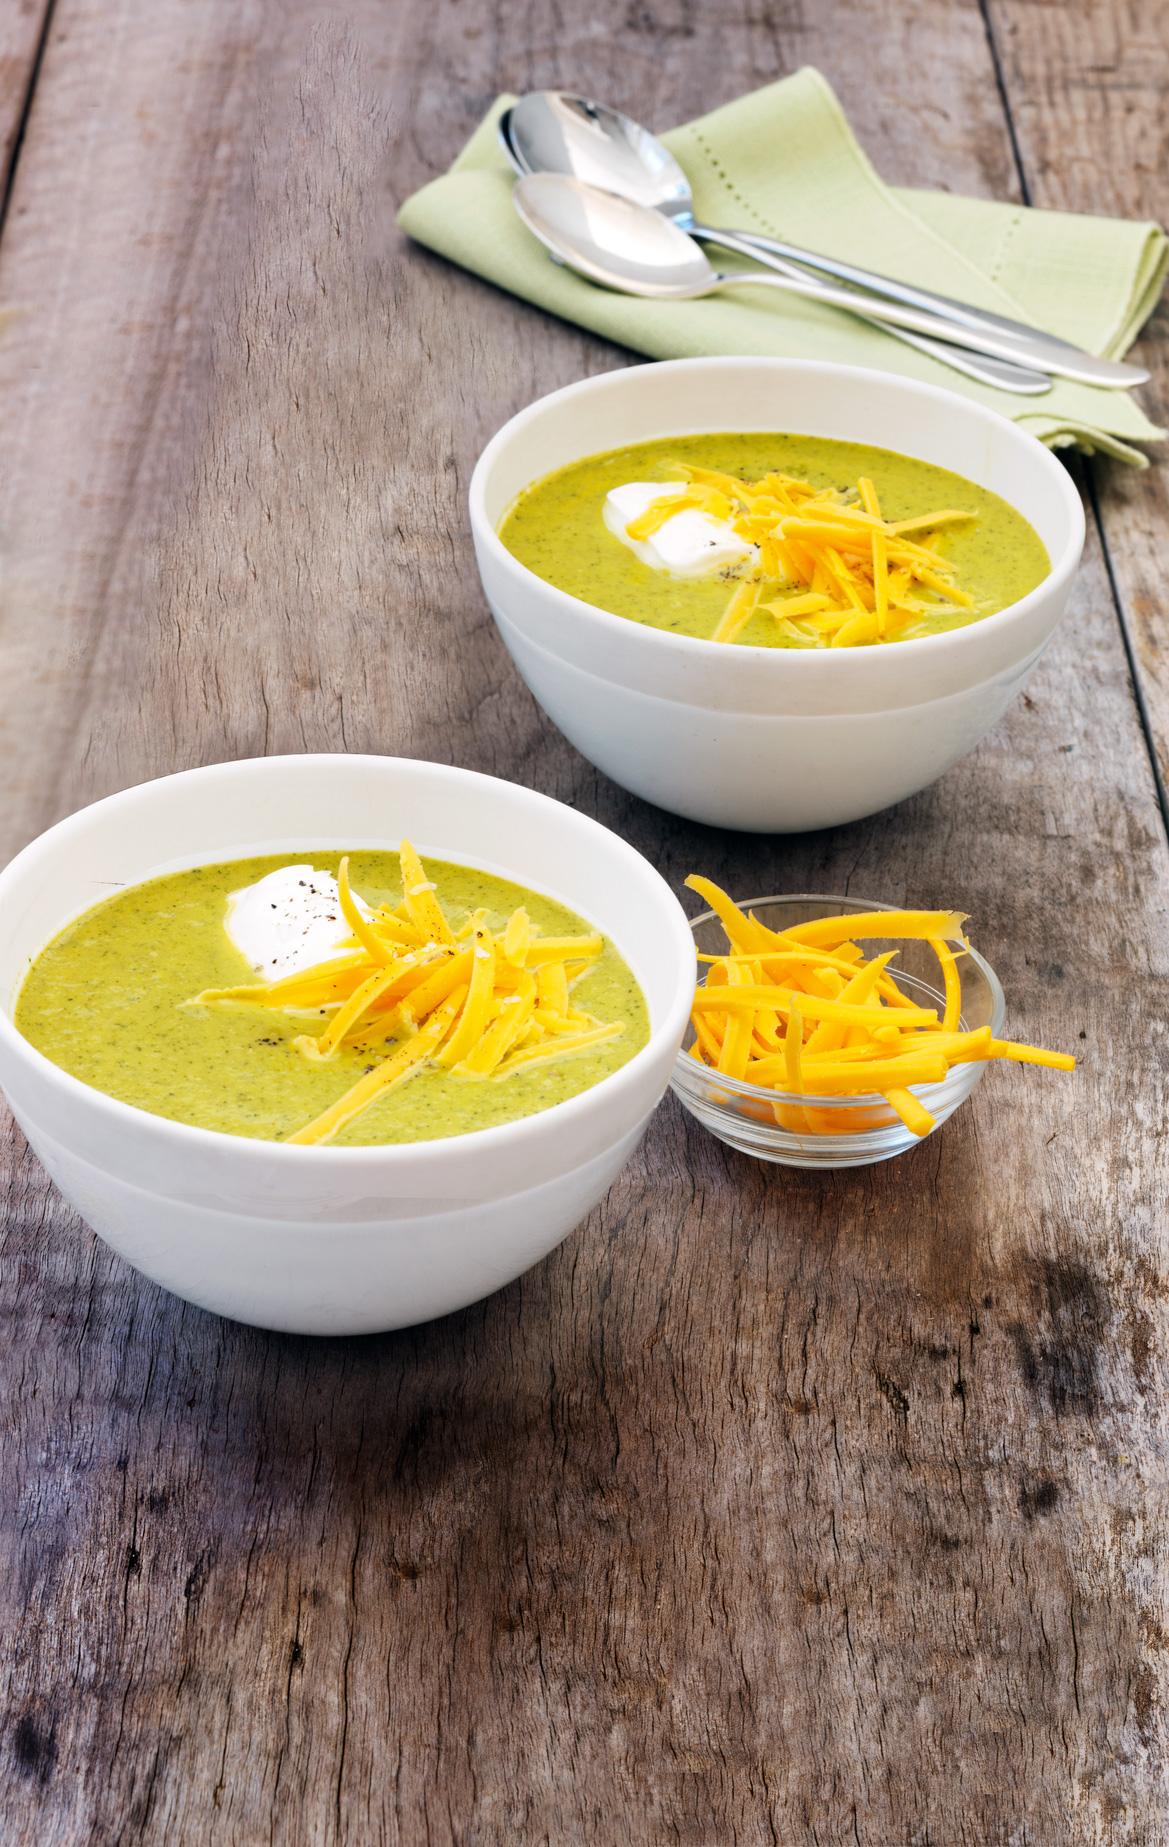 Roasted Broccoli Soup Recipe